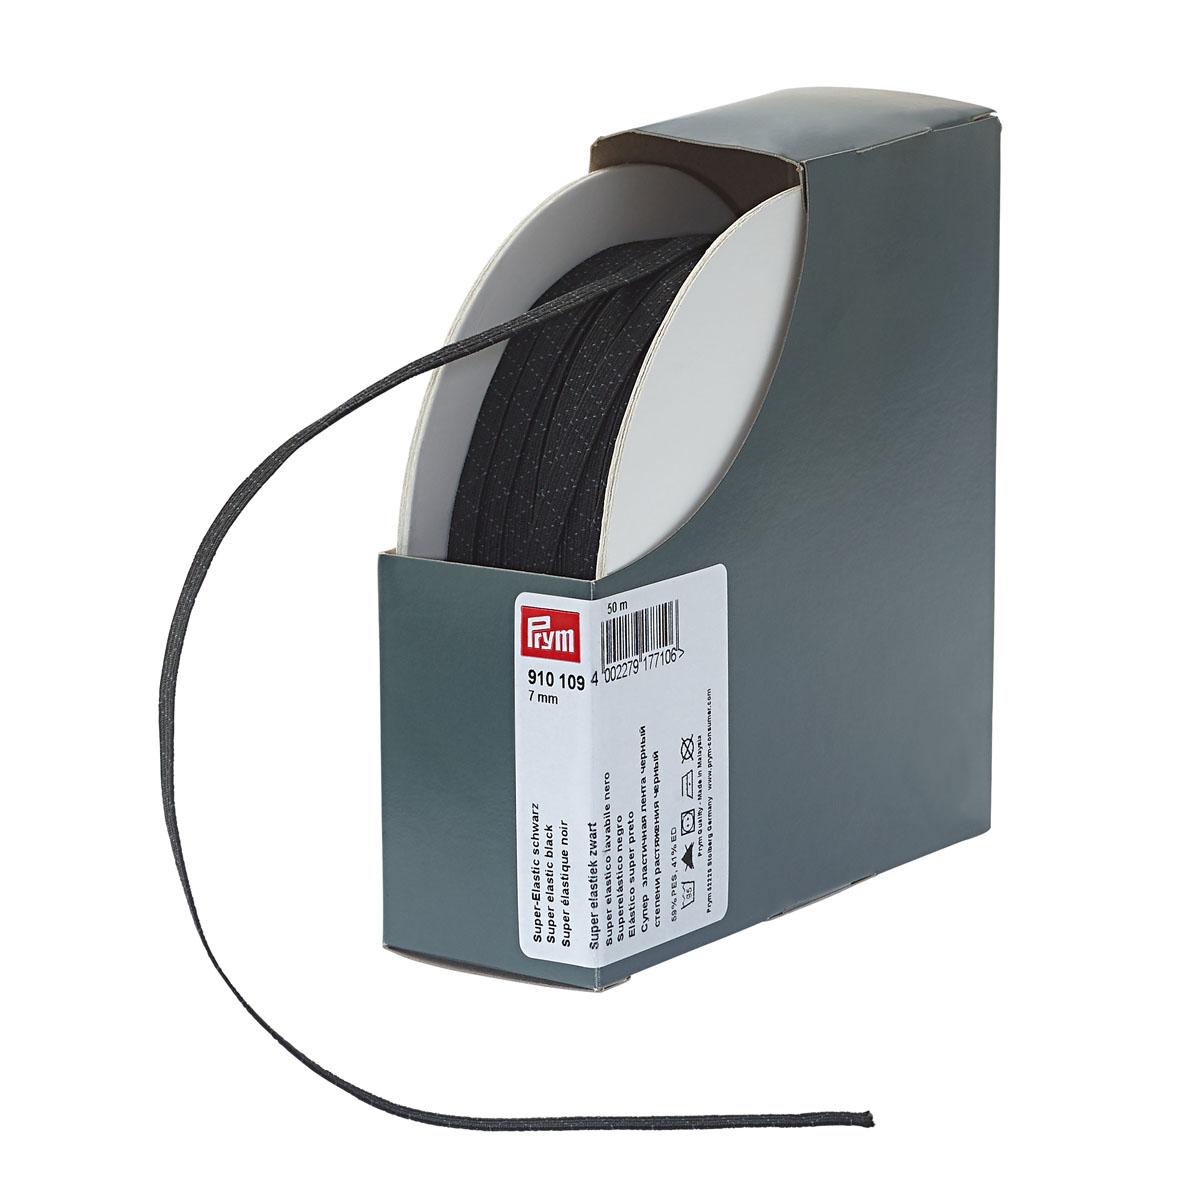 910109 Супер эластичная лента плетеная 7 мм*50м, черный цв. Prym